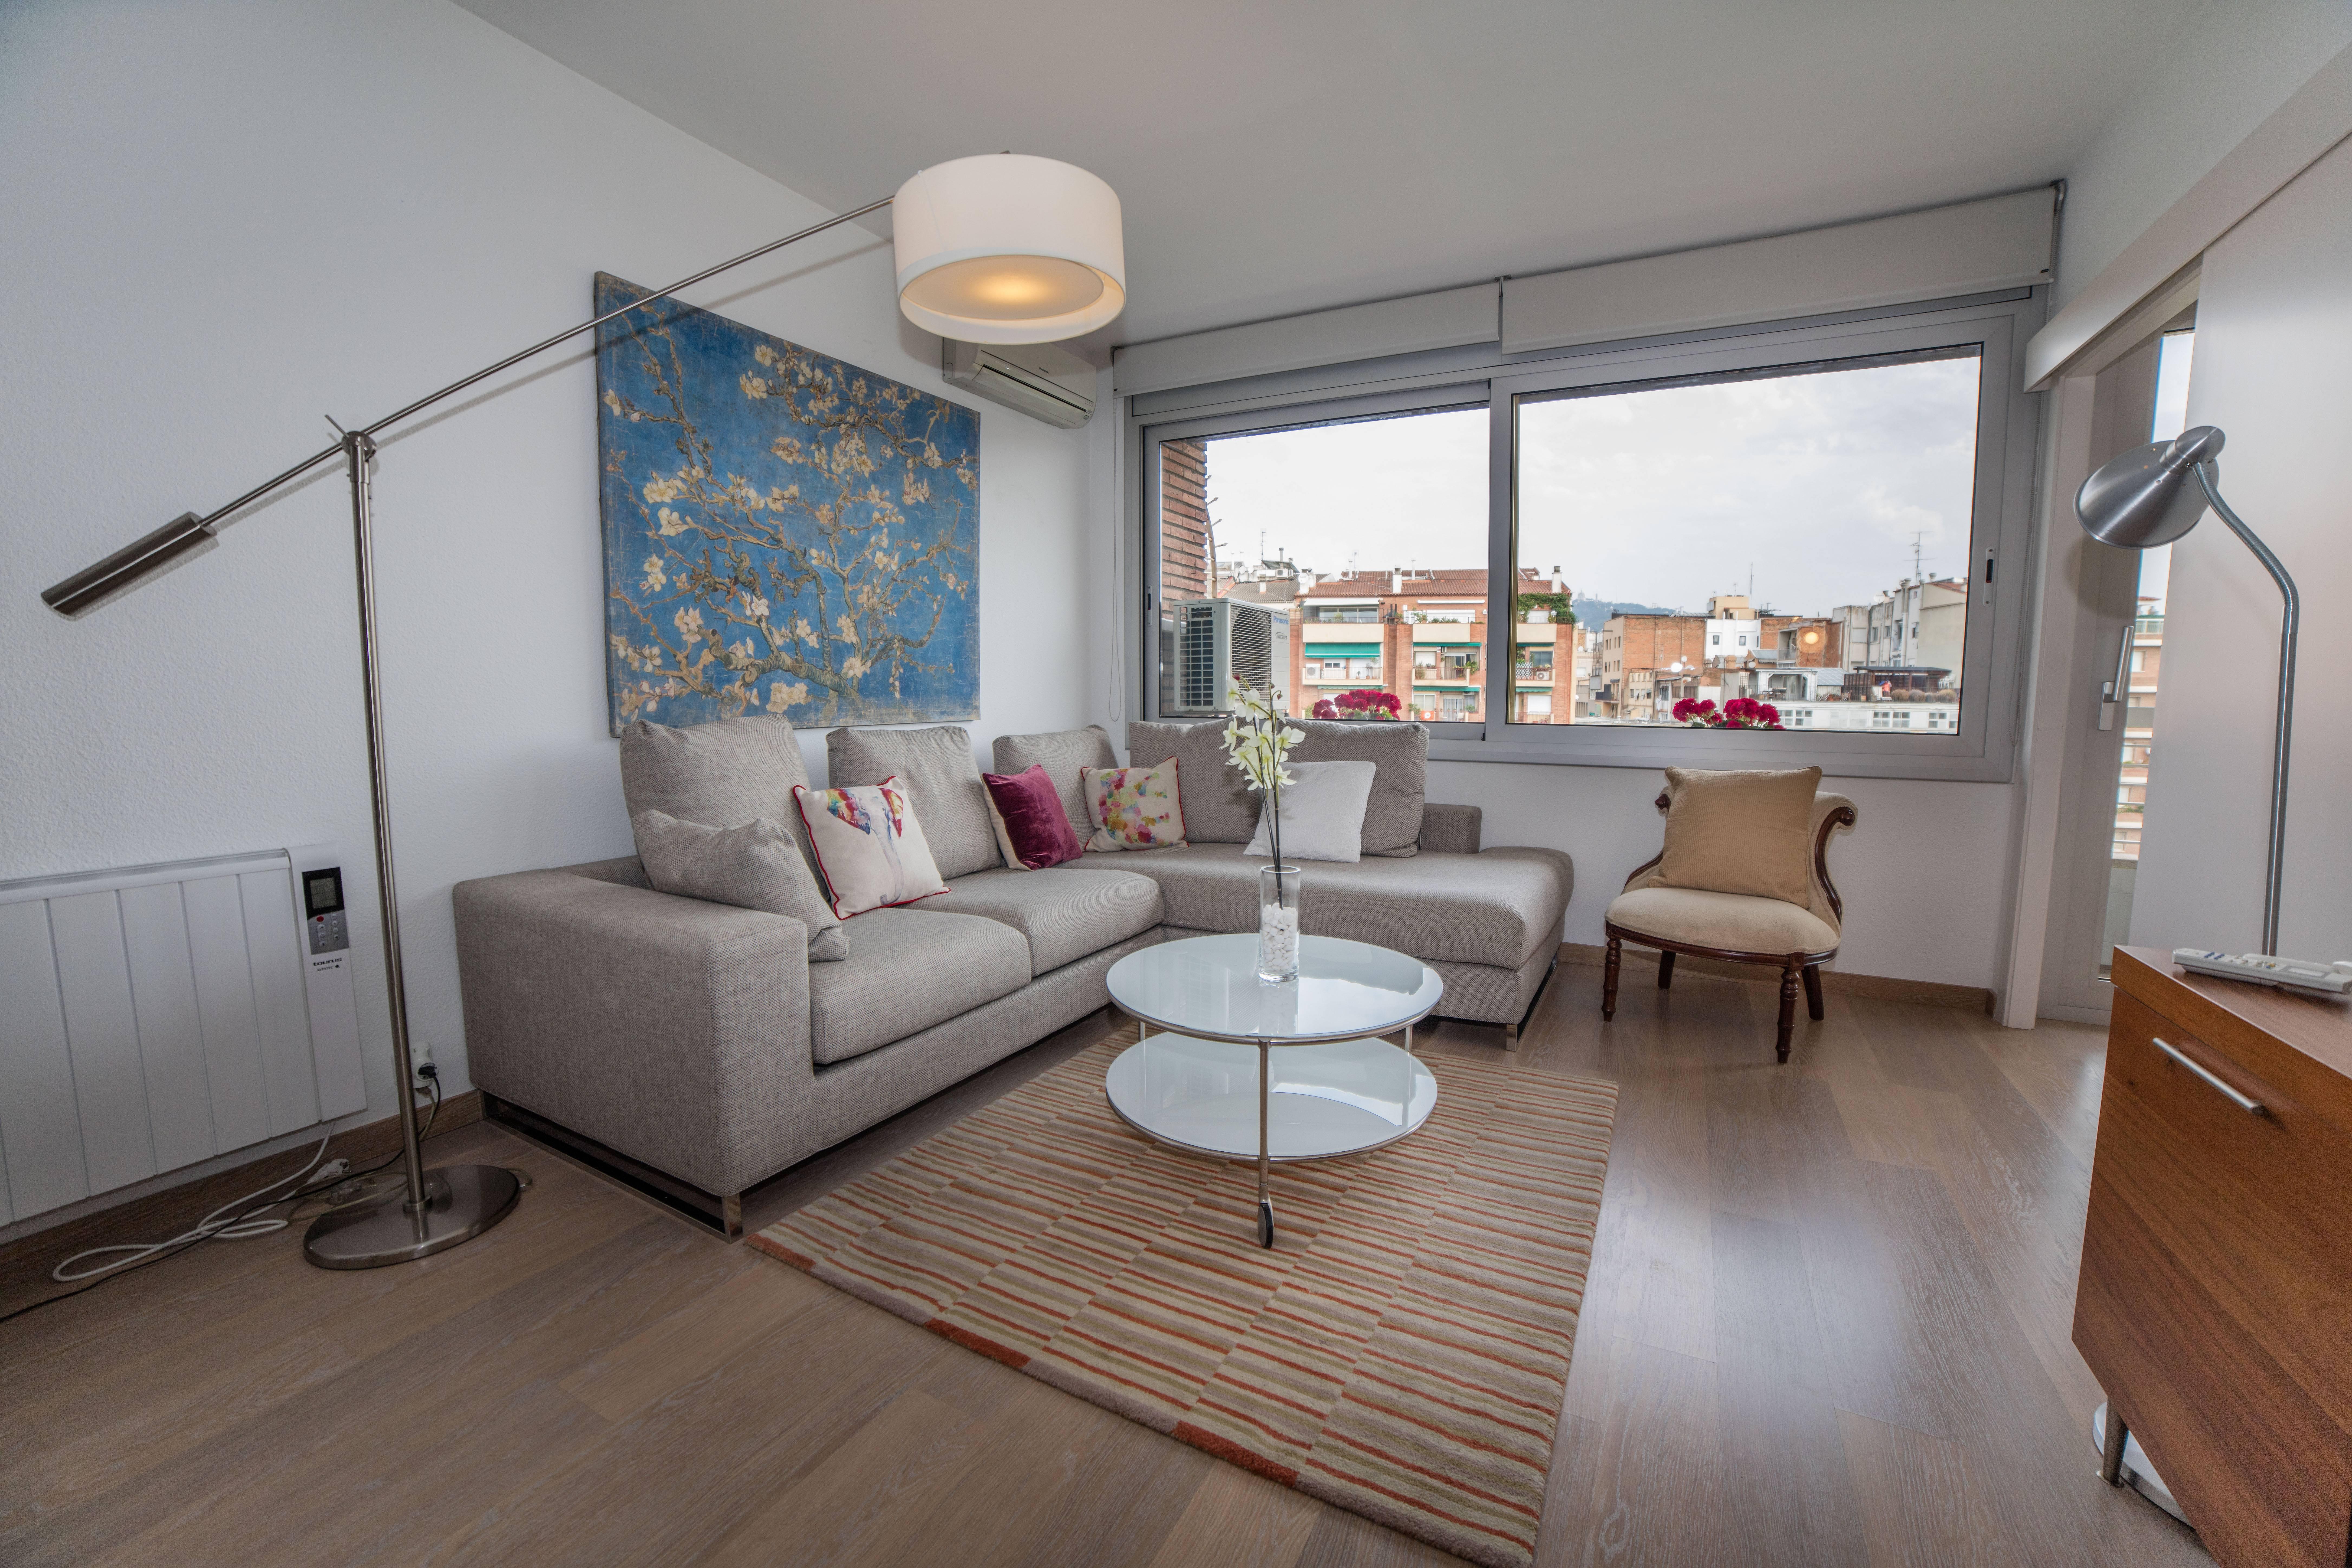 Appartamento per 2 persone nel centro di barcellona for Alloggi a barcellona